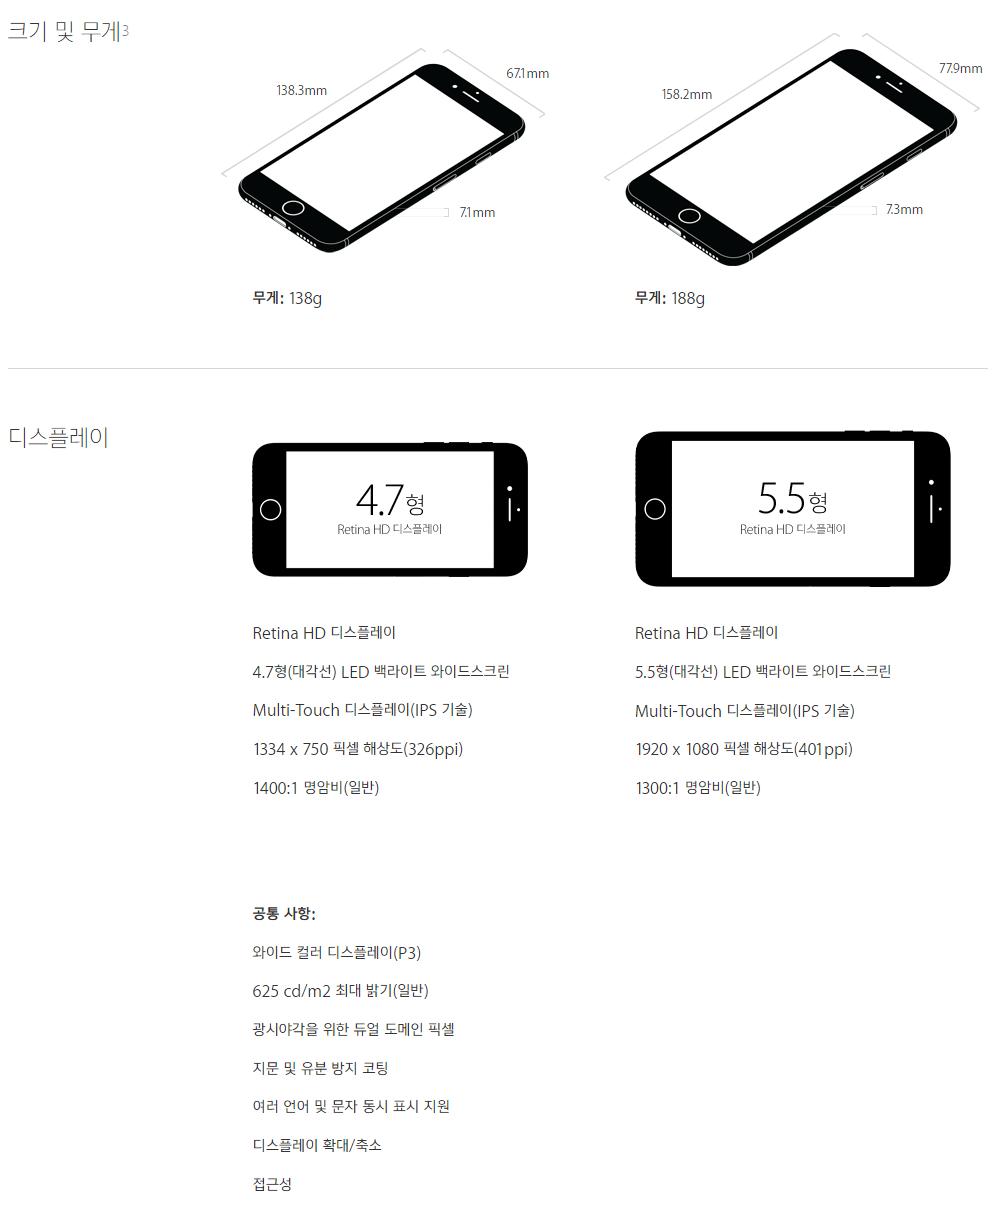 아이폰7, 아이폰7 플러스, 아이폰7 스펙, 아이폰7 플러스 스펙, 아이폰7 사전예약, 아이폰7 사전예약 사은품, lg유플러스, it, 리뷰